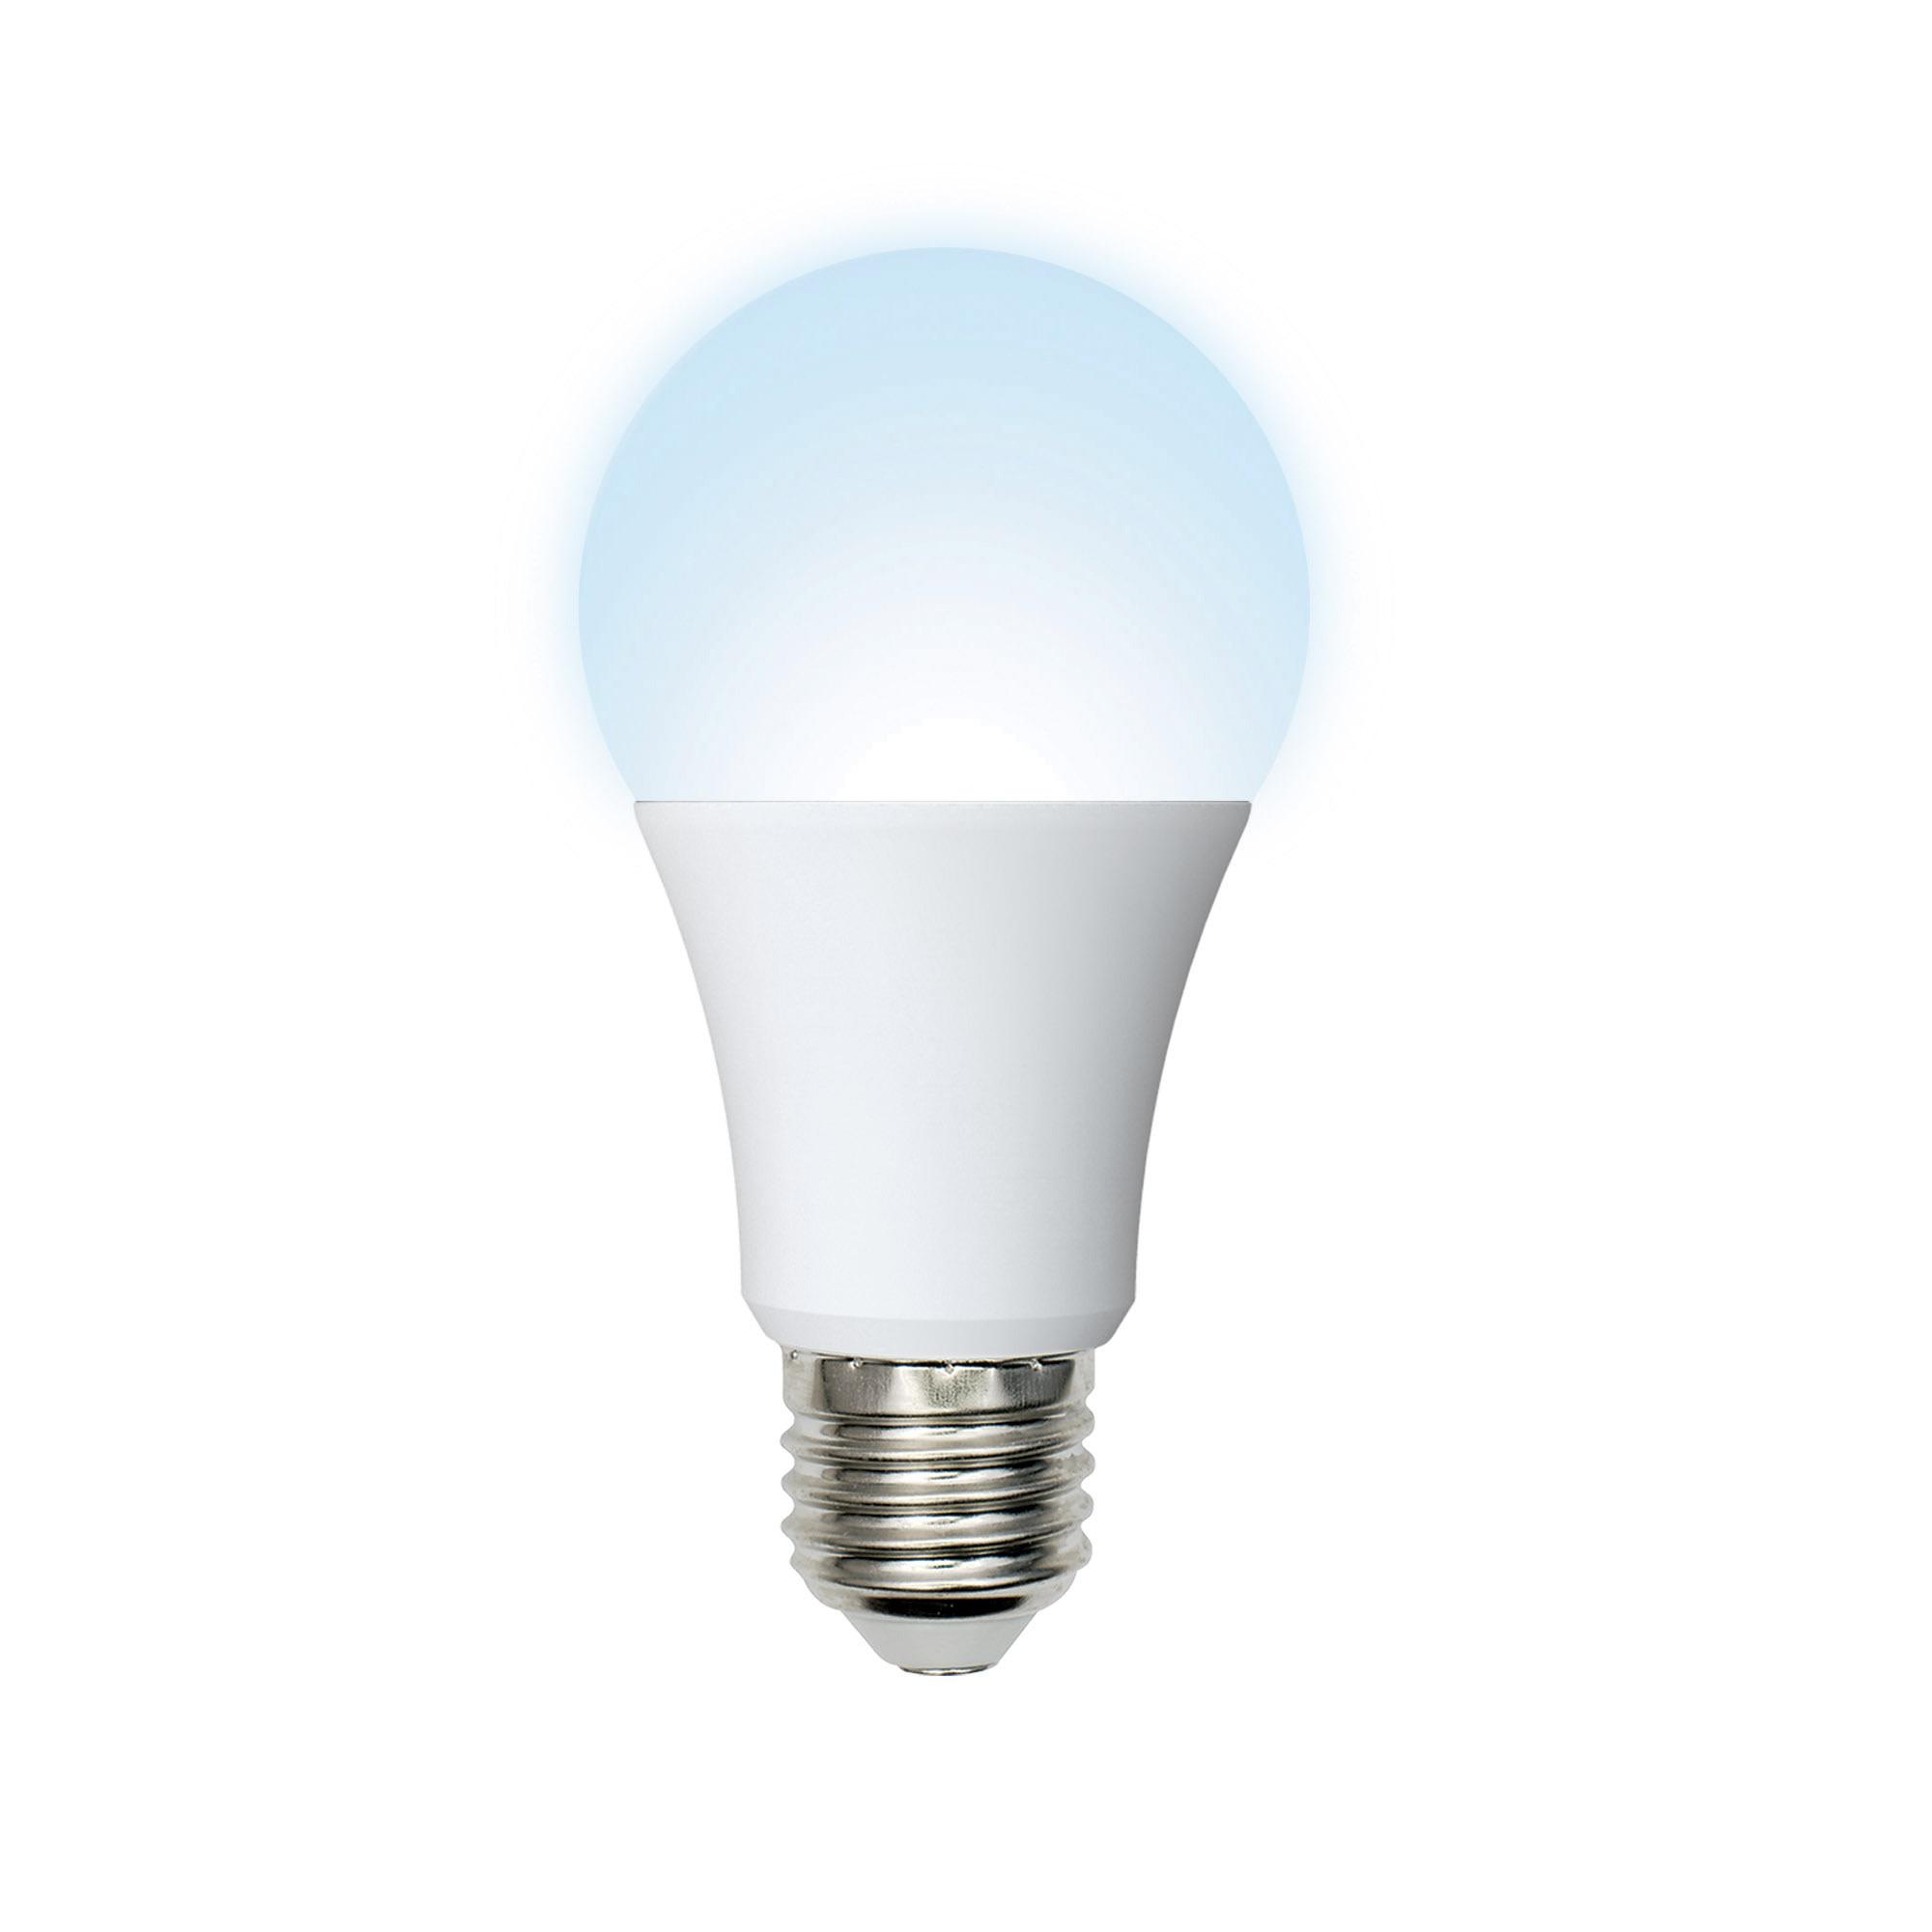 Лампа светодиодная Volpe Norma E27 230 В 9 Вт груша матовая 720 лм нейтральный белый свет